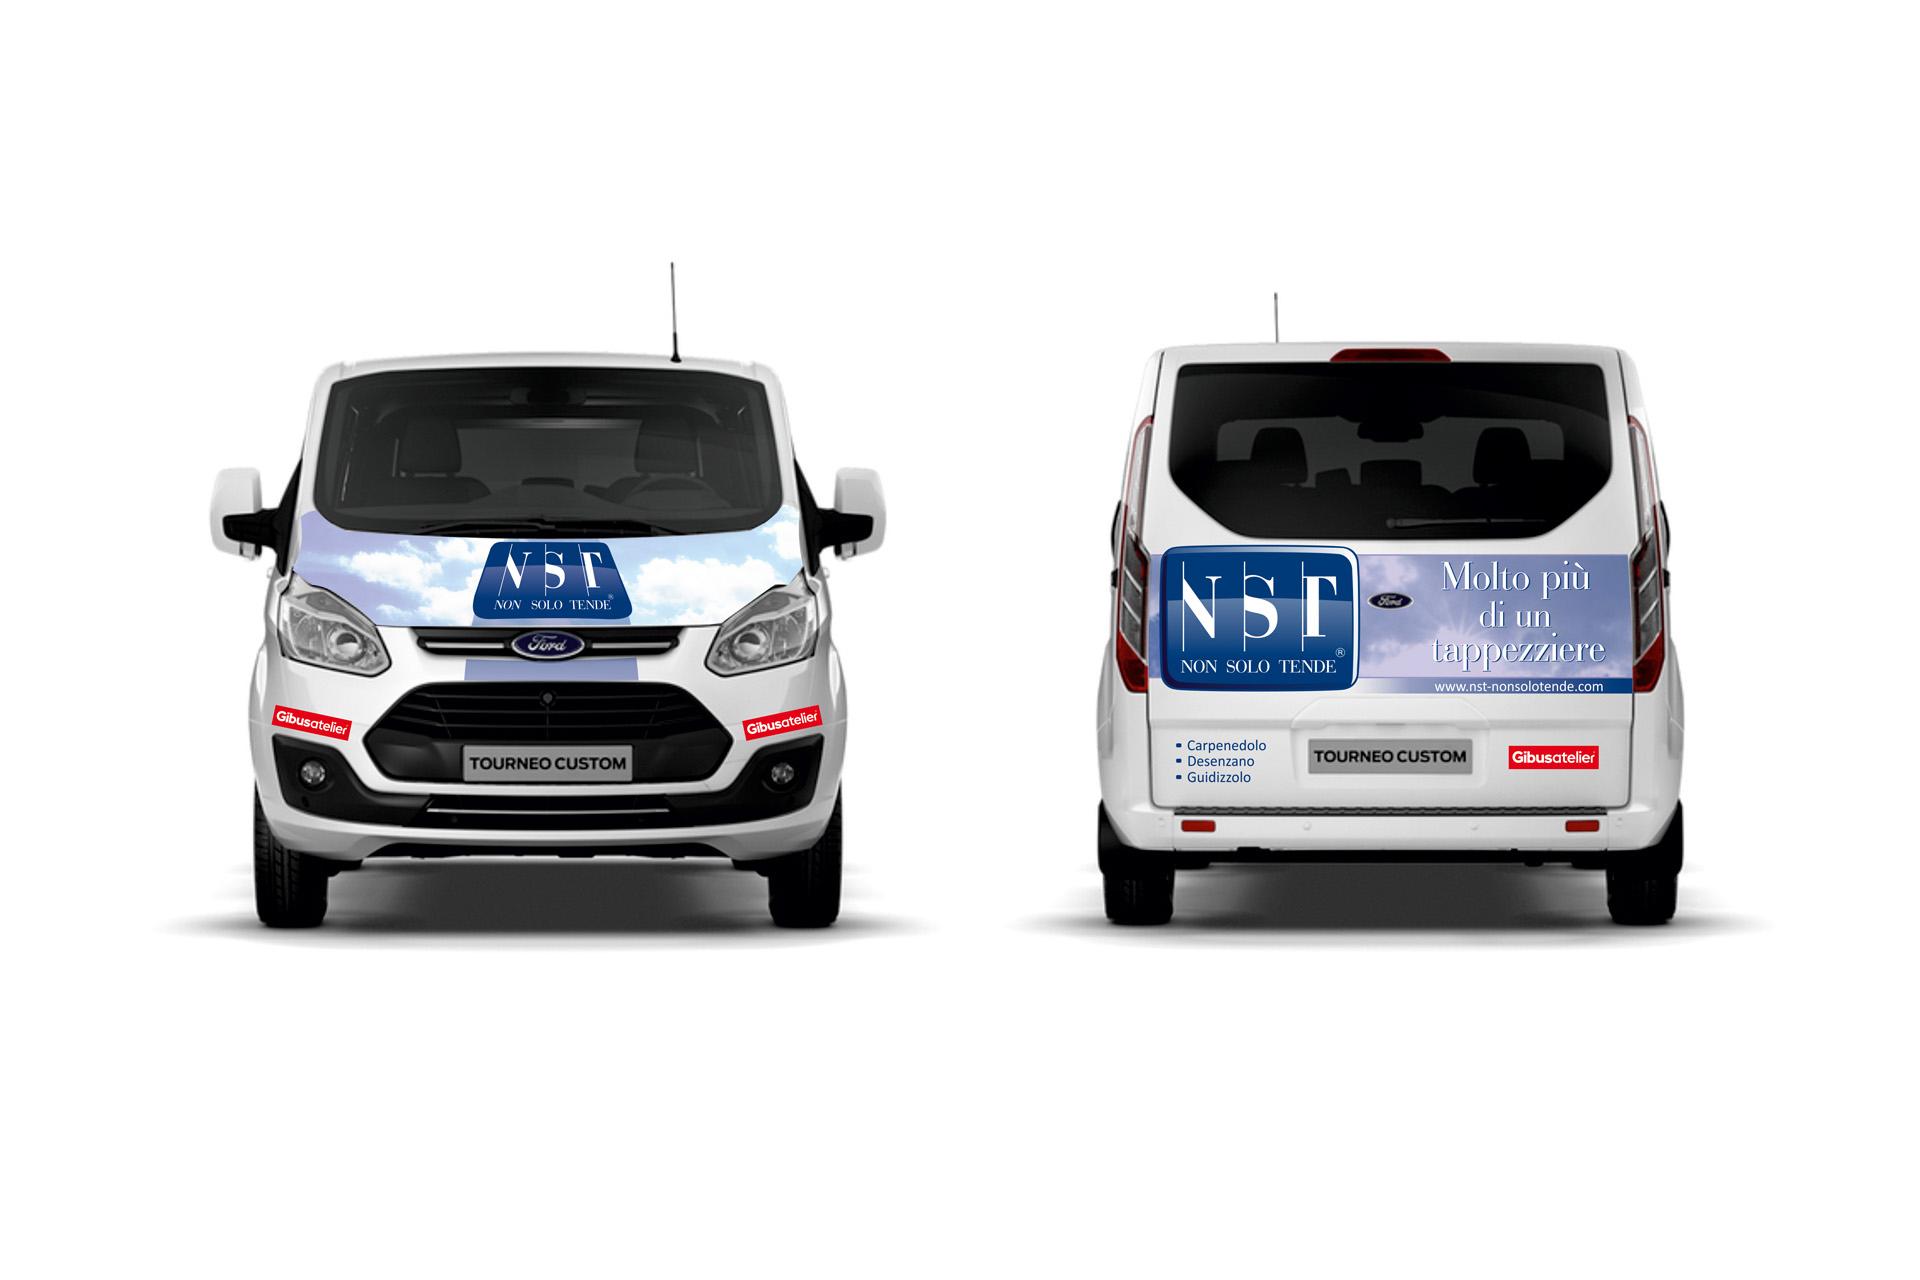 Casarotto Design grafica adesivi decalcomanie automezzi aziendali castiglione delle stiviere mantova brescia furgone nst 02